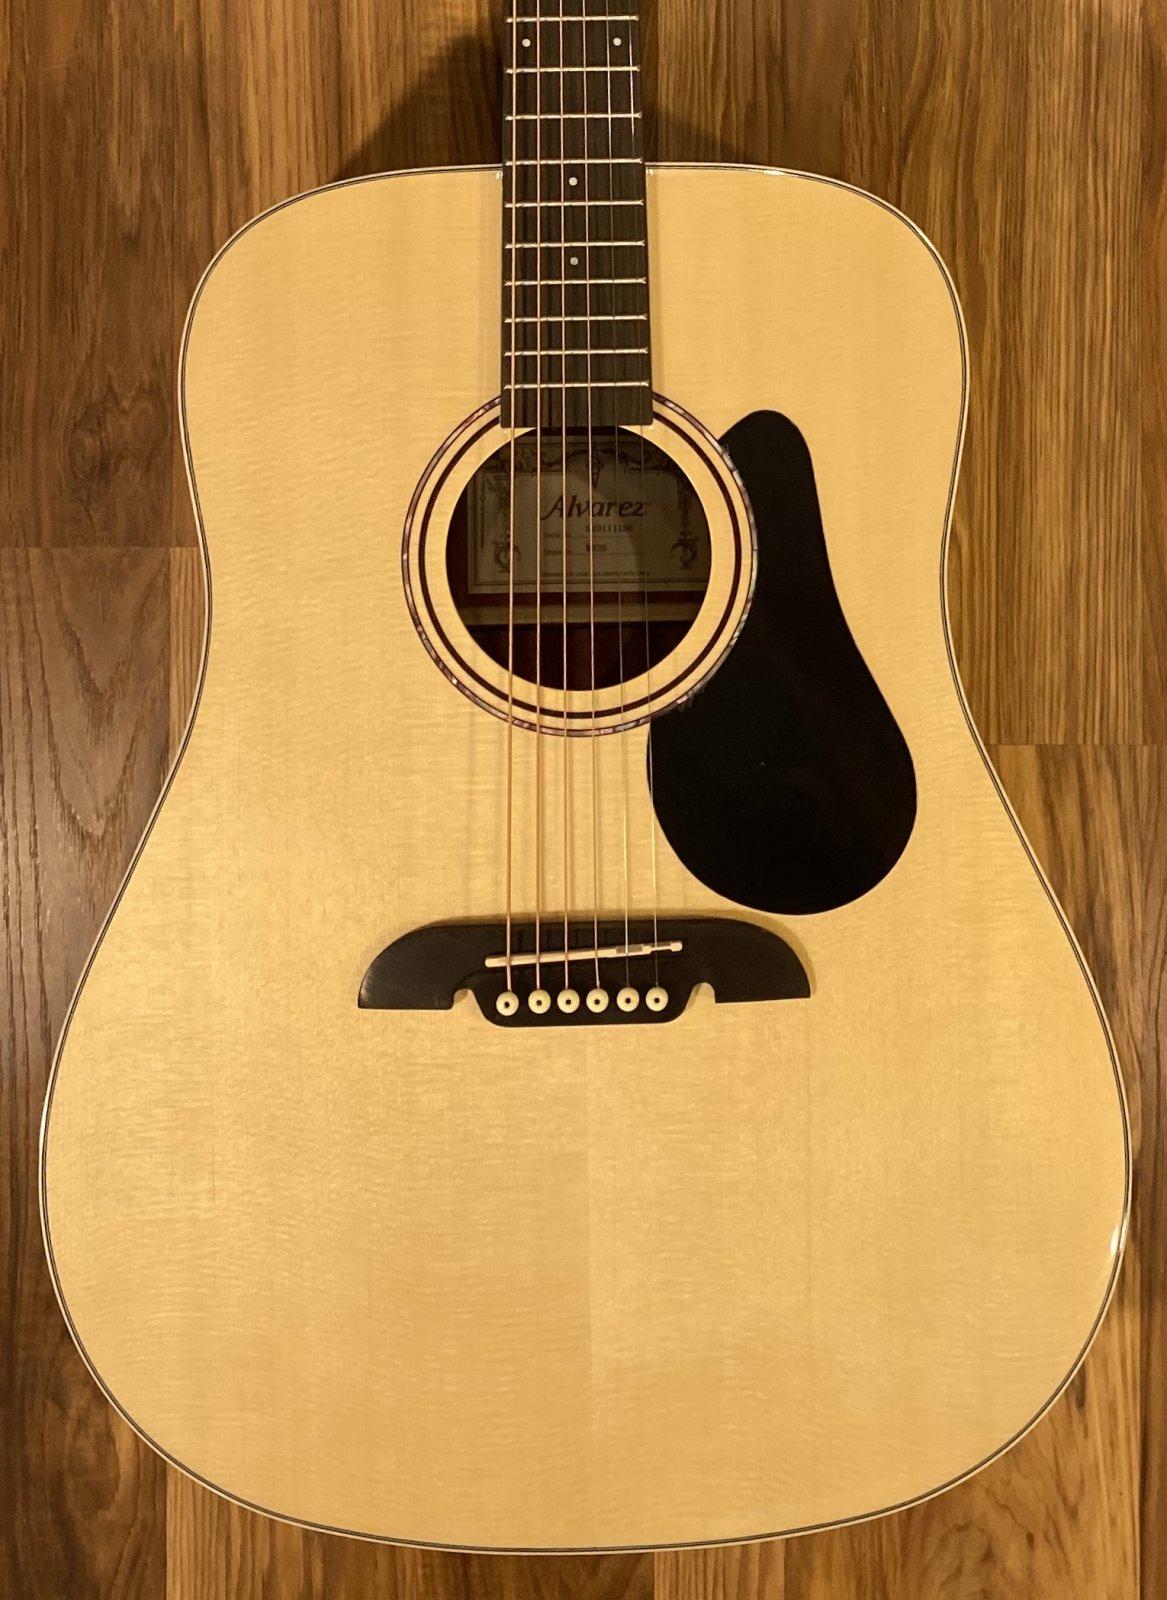 Alvarez RD26 Regent Dreadnaught Acoustic Guitar w/Gigbag